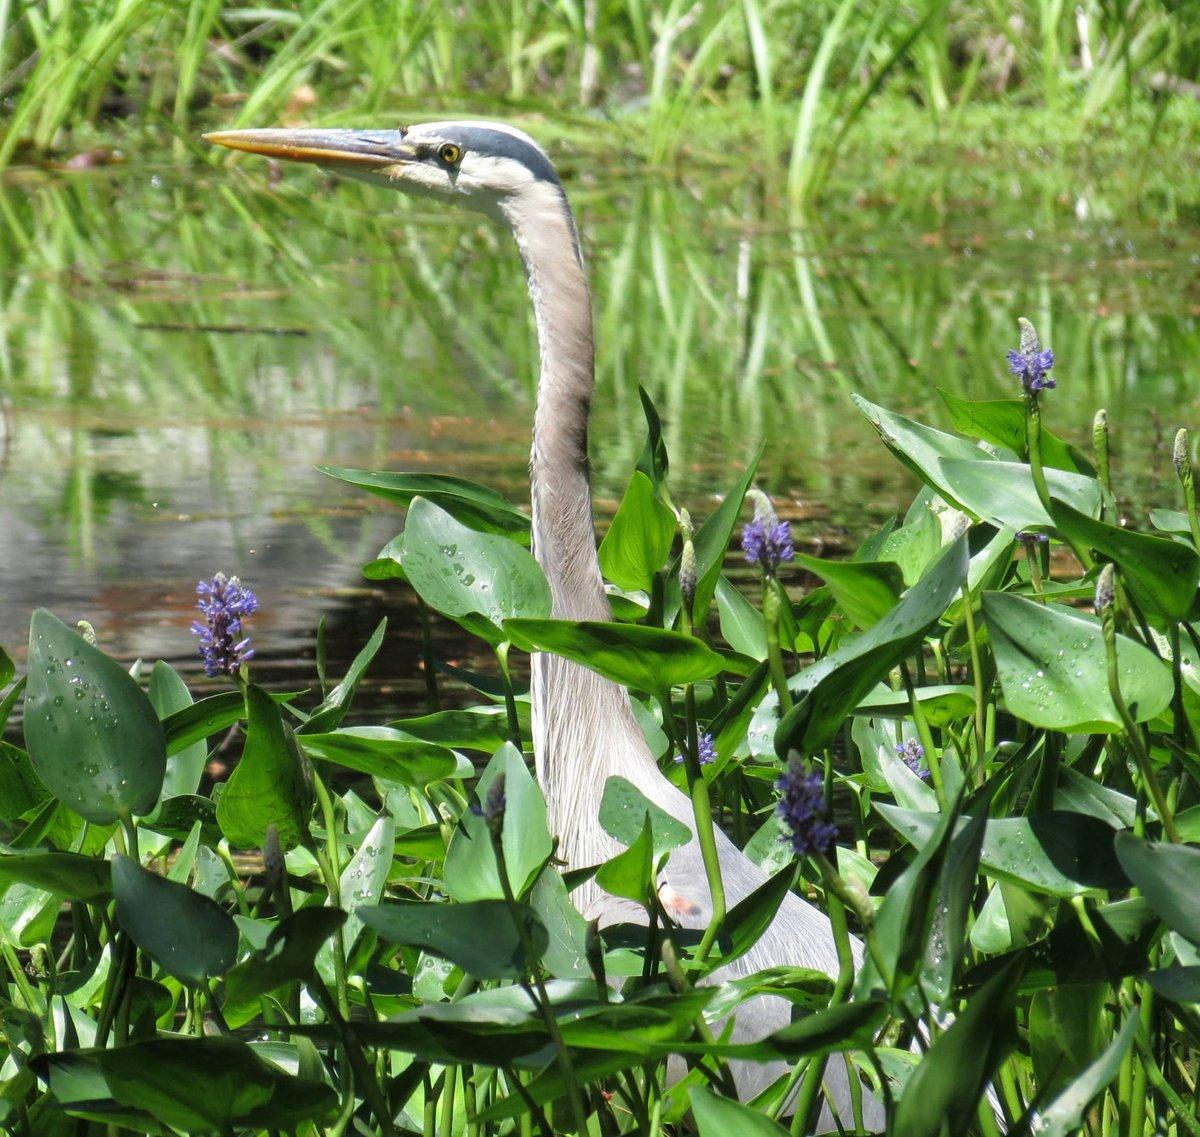 5. Great Blue Heron